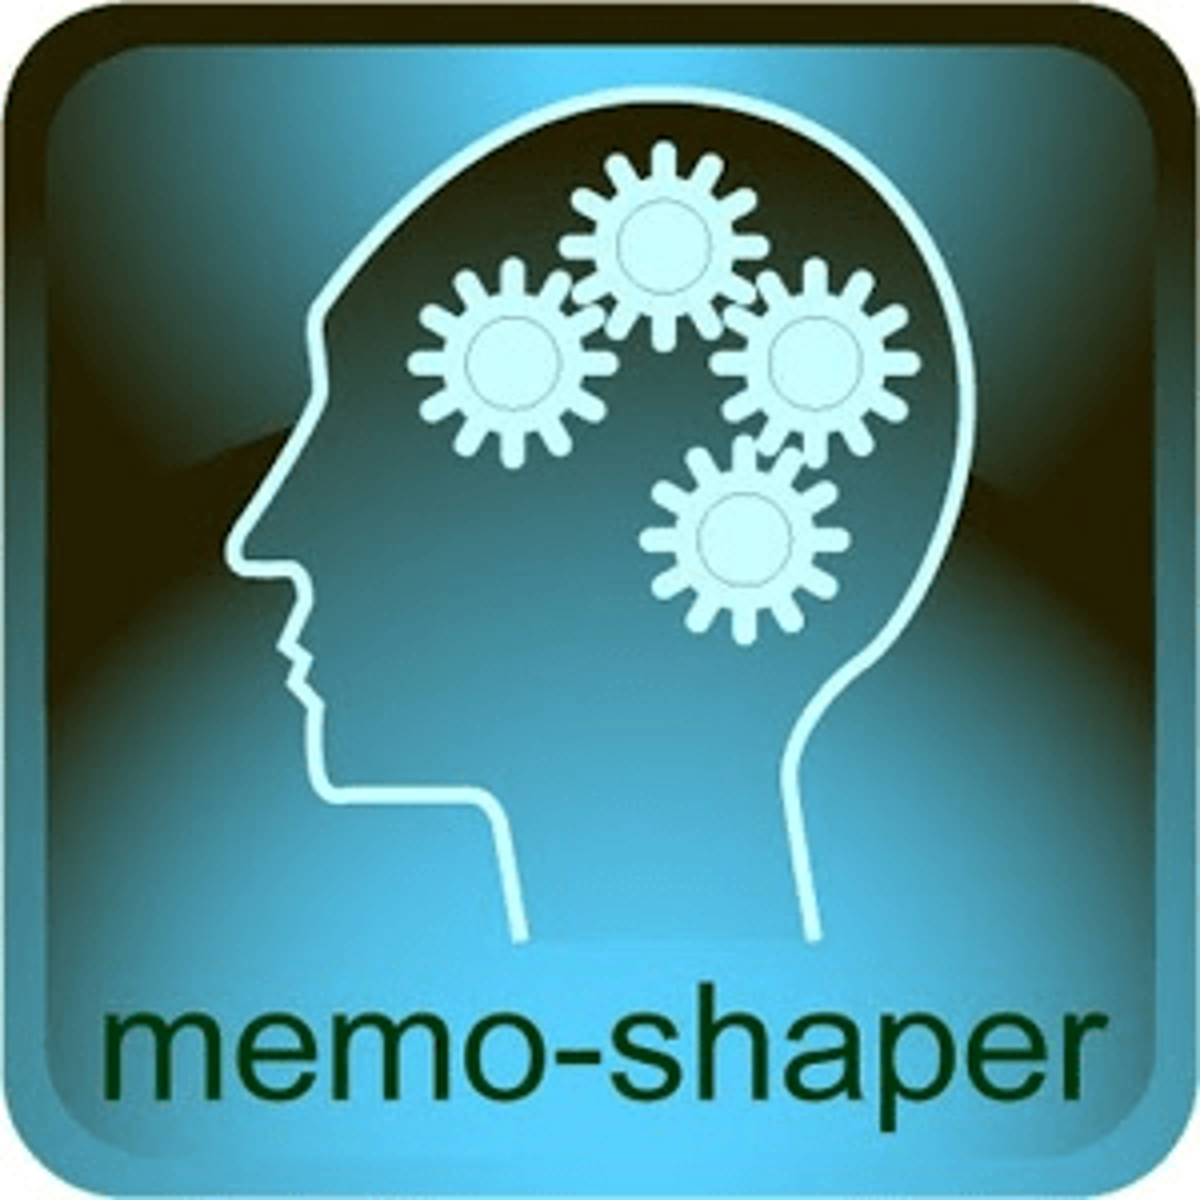 Memo-shaper free